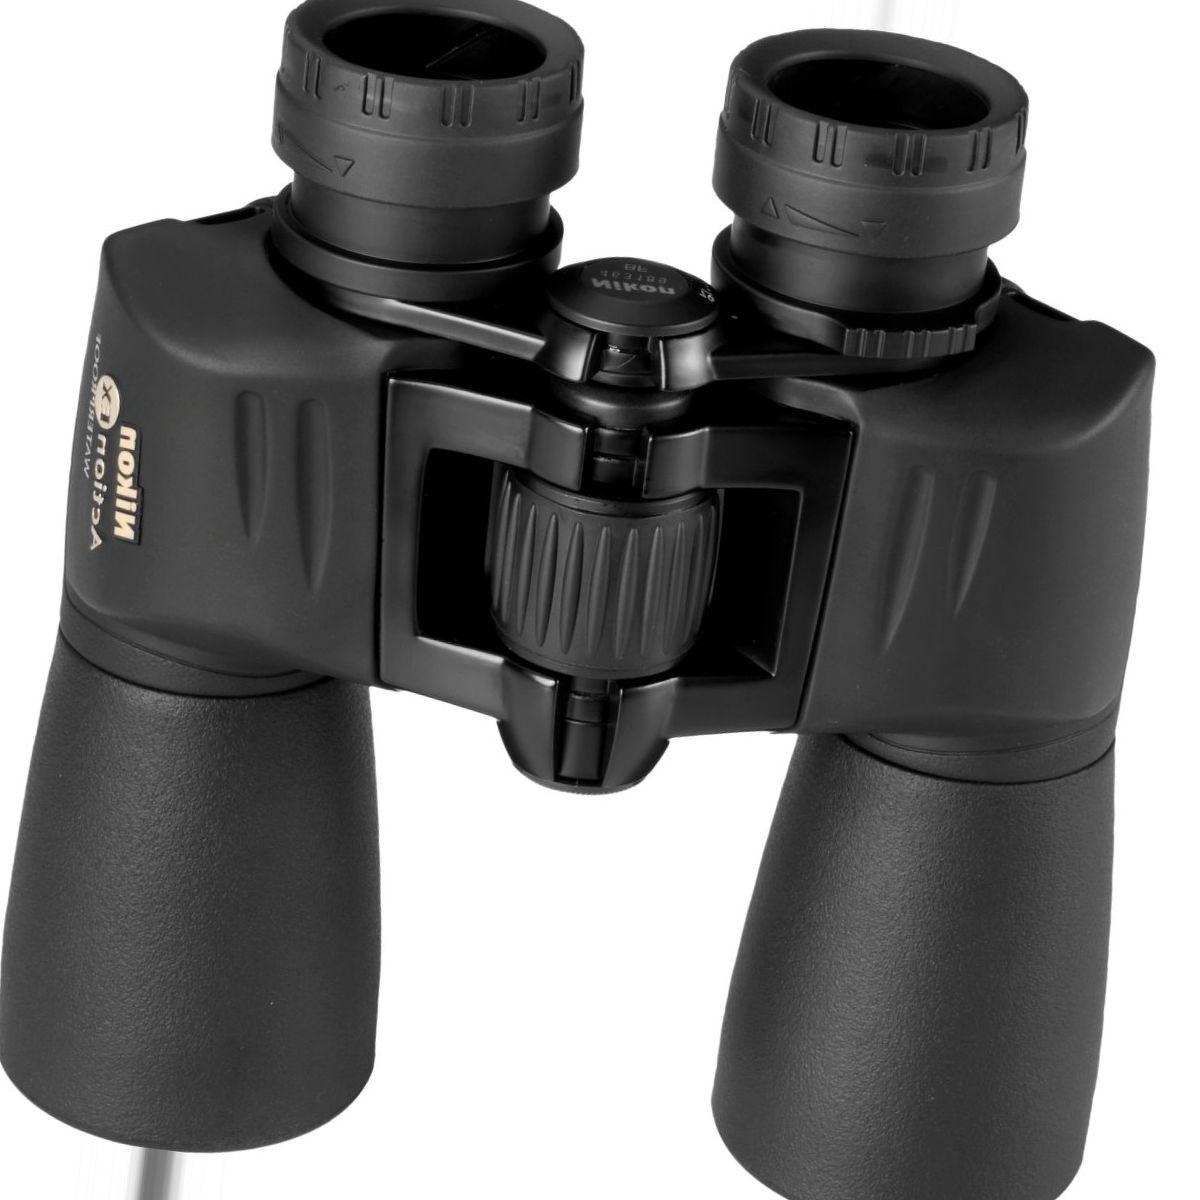 Nikon Action Extreme 16x50 Binoculars